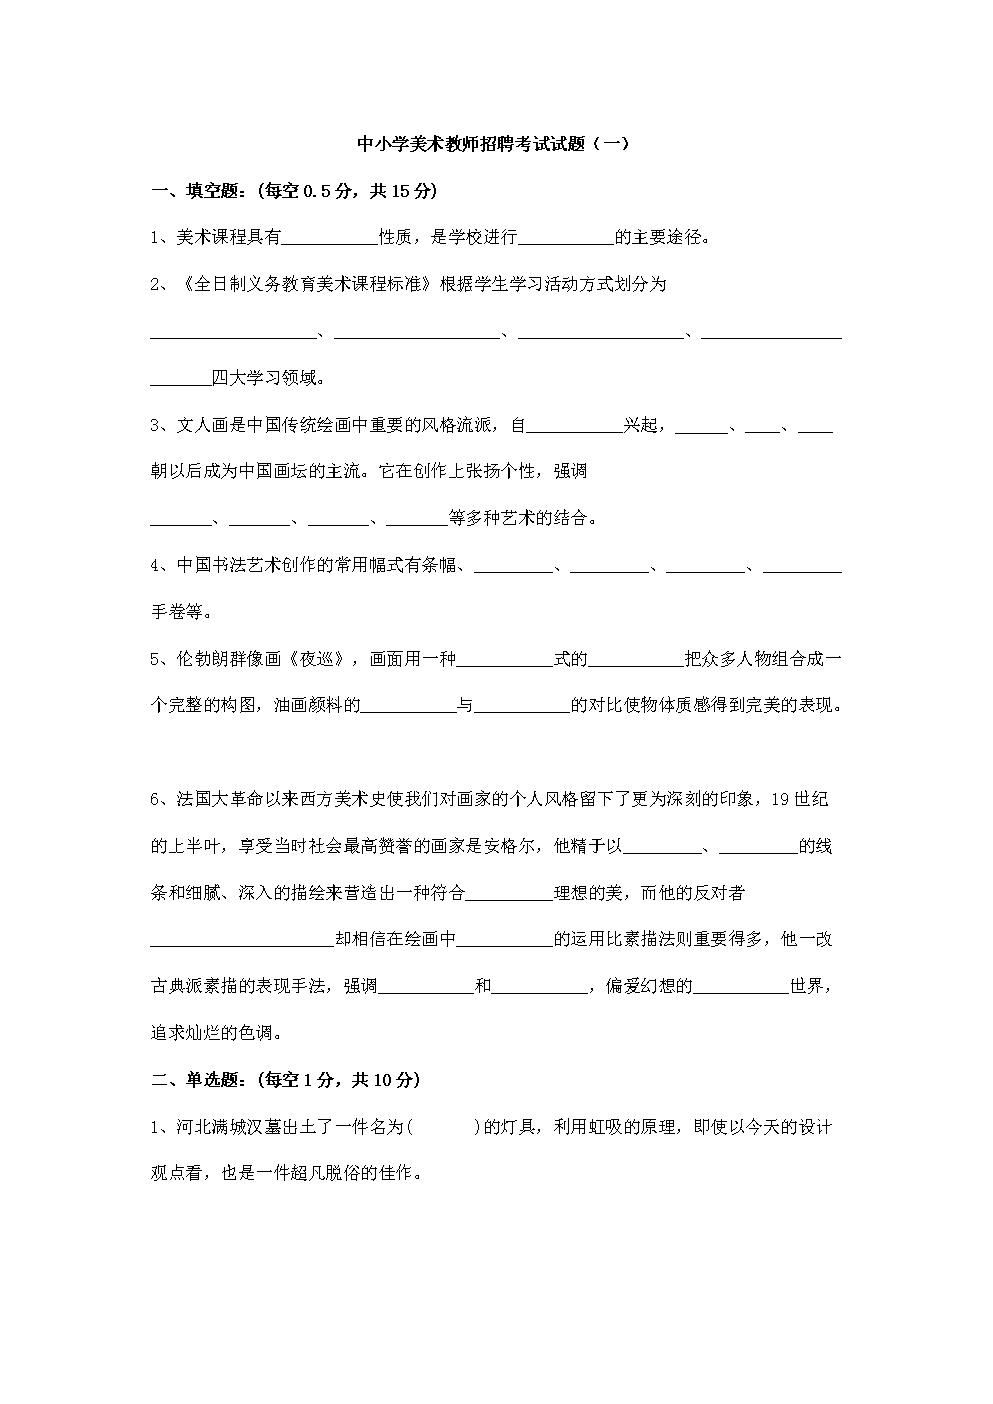 中小学美术教师招聘考试考卷.docx